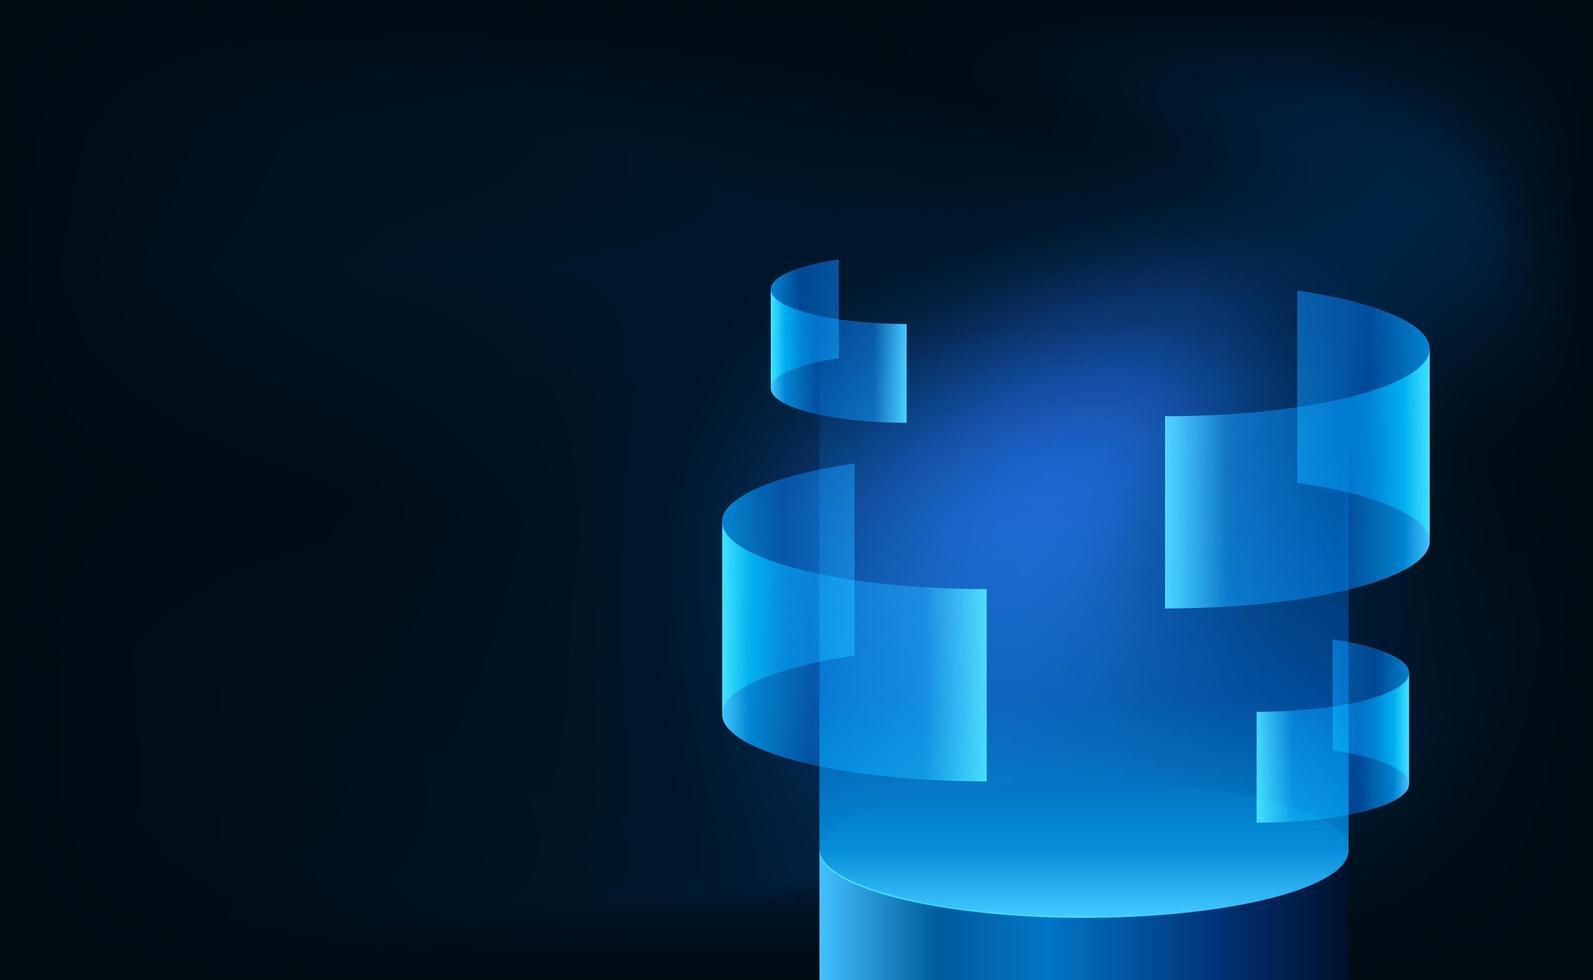 tecnologia futurista de néon azul com tela colorida ciano vetor